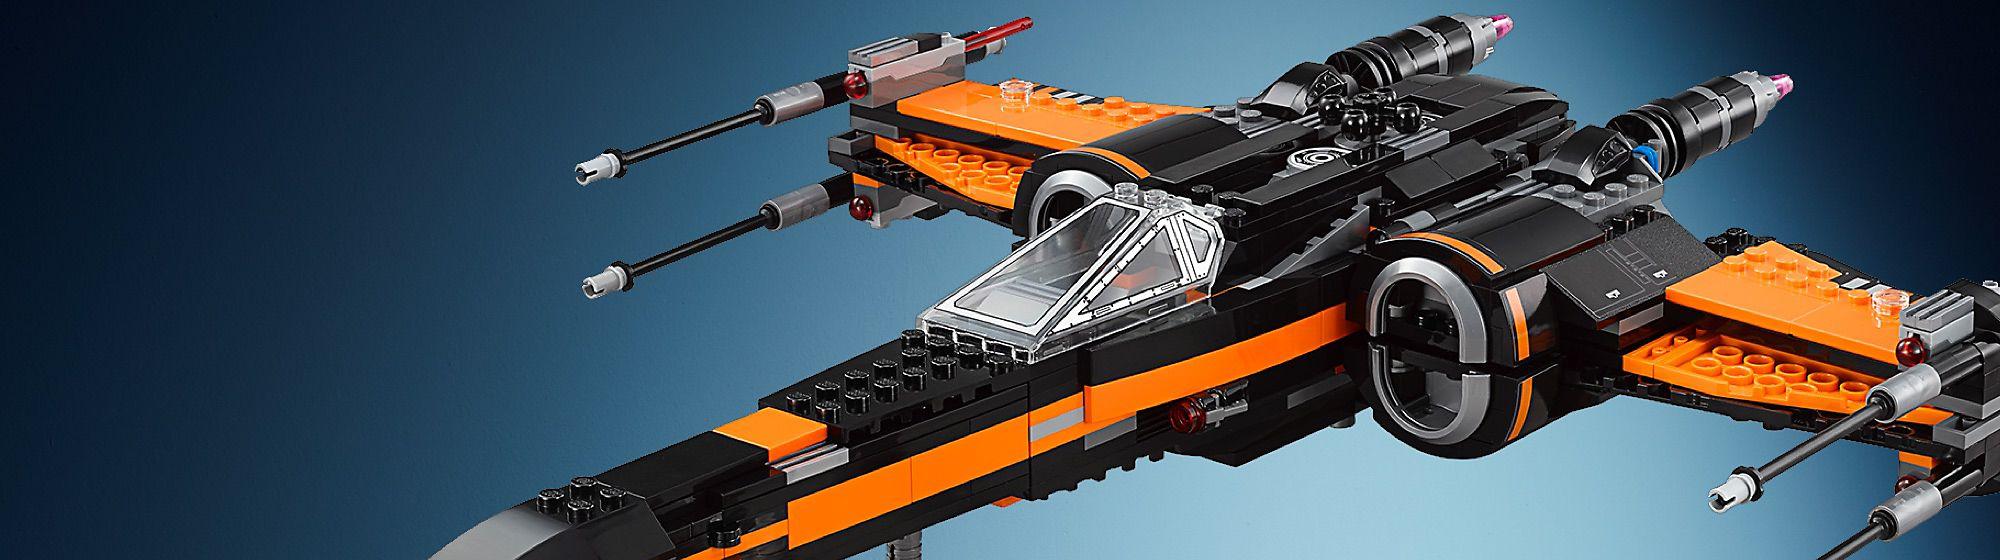 Star Wars Lego  DESCUBRIR MÁS